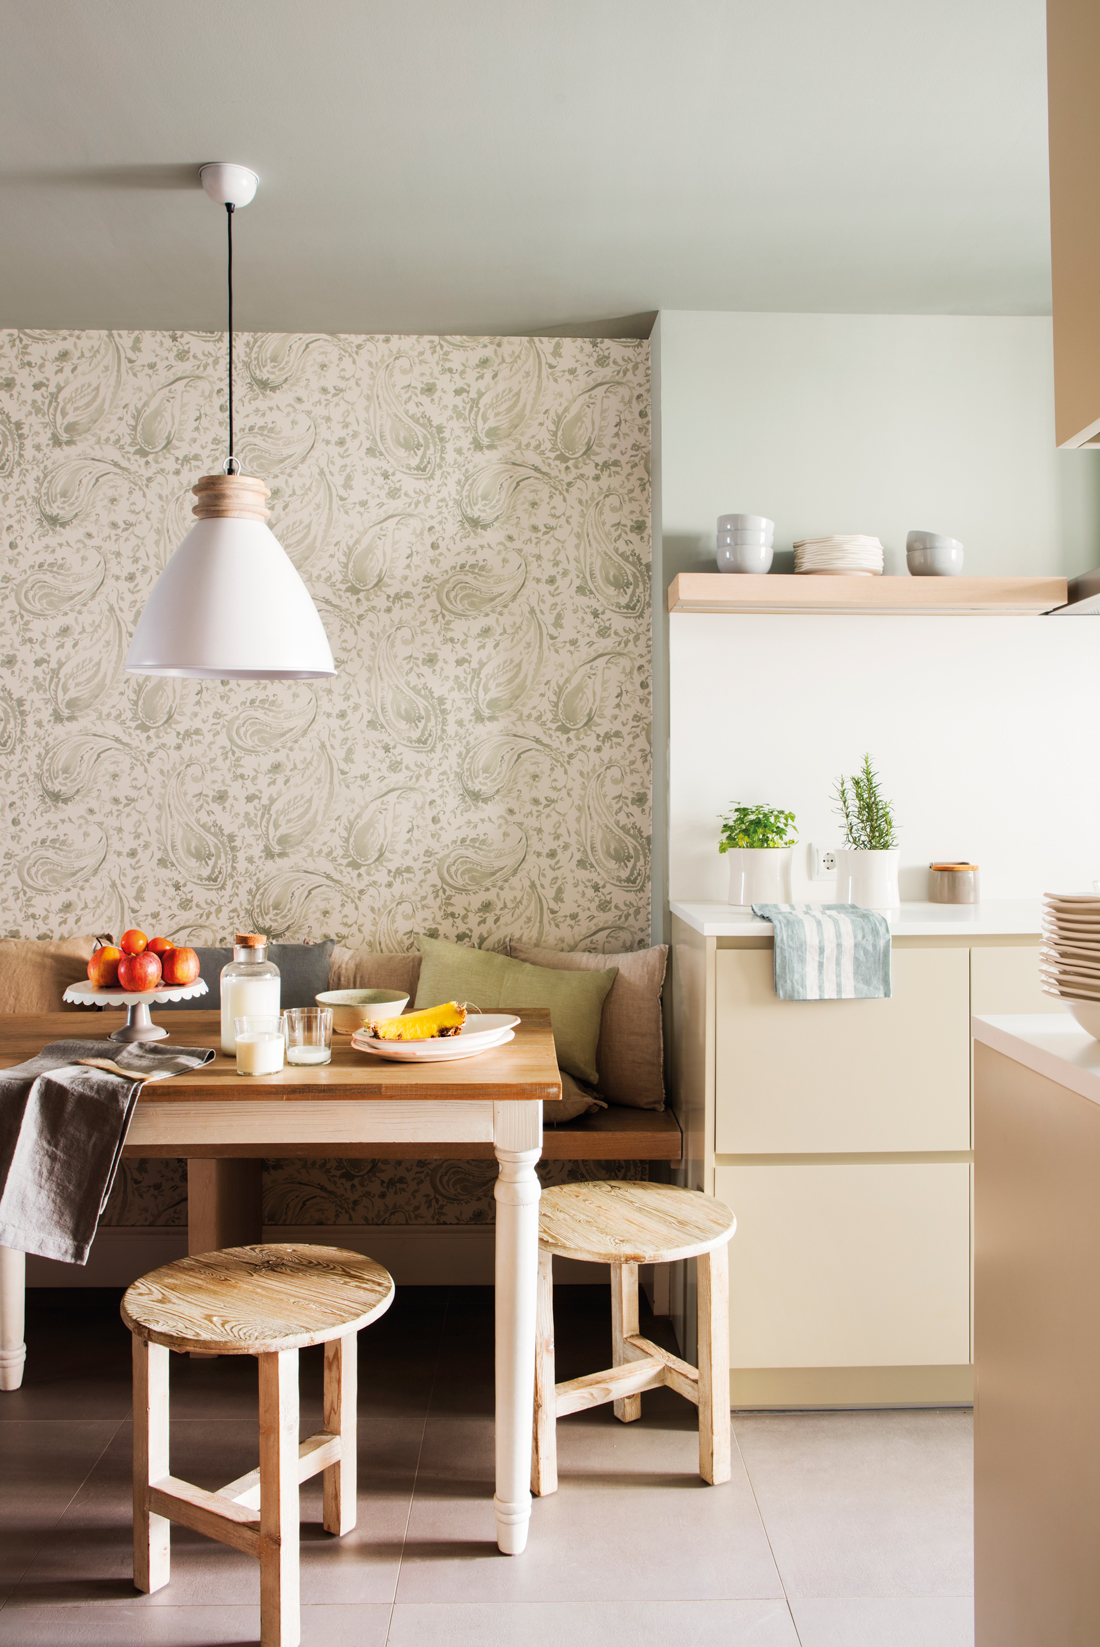 Compartir la cocina con la familia for Papel pintado cocina ikea